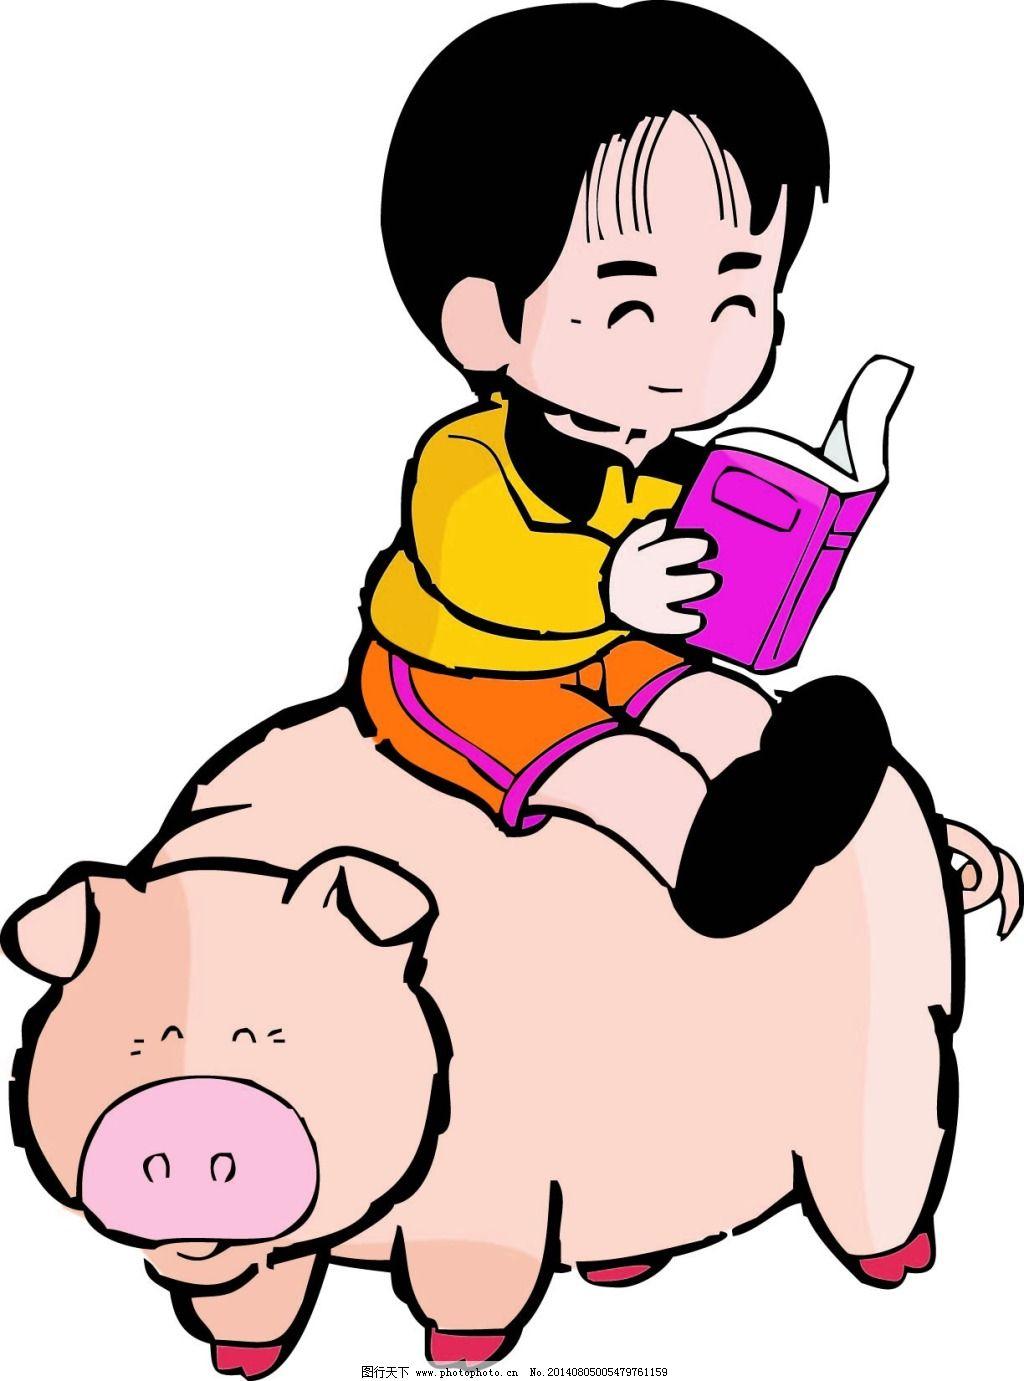 坐在猪上面看书的小女孩图片